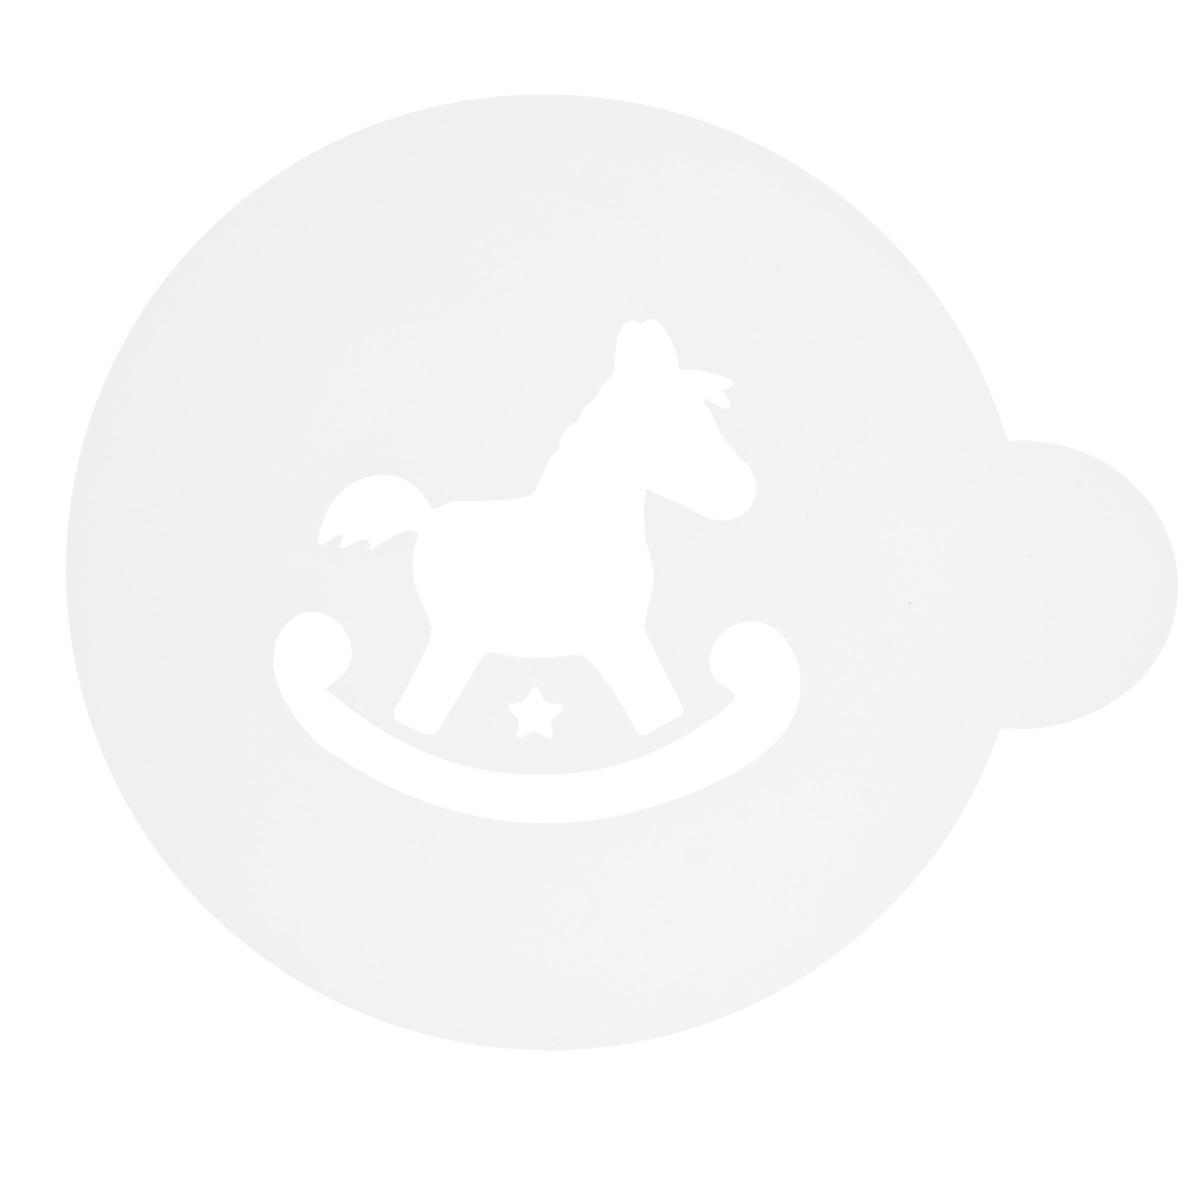 Трафарет на кофе и десерты Леденцовая фабрика Лошадка, диаметр 10 смТ026Трафарет представляет собой пластину с прорезями, через которые пищевая краска (сахарная пудра, какао, шоколад, сливки, корица, дробленый орех) наносится на поверхность кофе, молочных коктейлей, десертов. Трафарет изготовлен из матового пищевого пластика 250 мкм и пригоден для контакта с пищевыми продуктами. Трафарет многоразовый. Побалуйте себя и ваших близких красиво оформленным кофе.